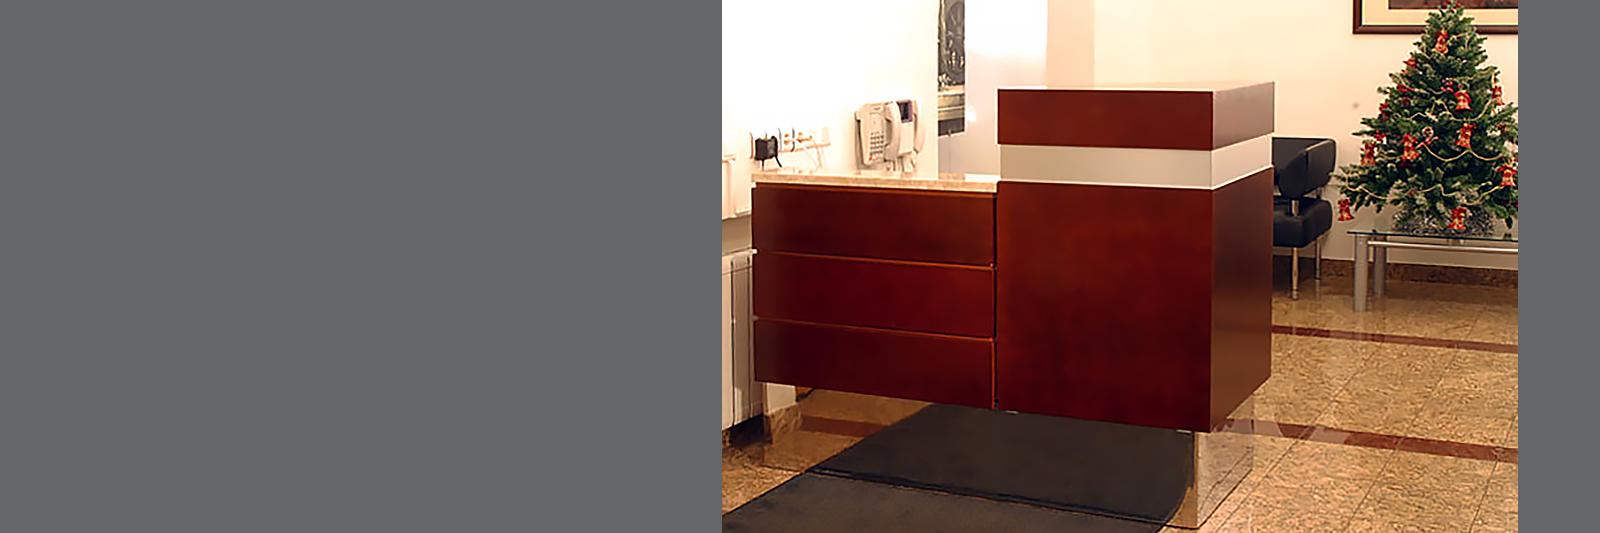 2-уровневая стойка для поста охраны на заказ